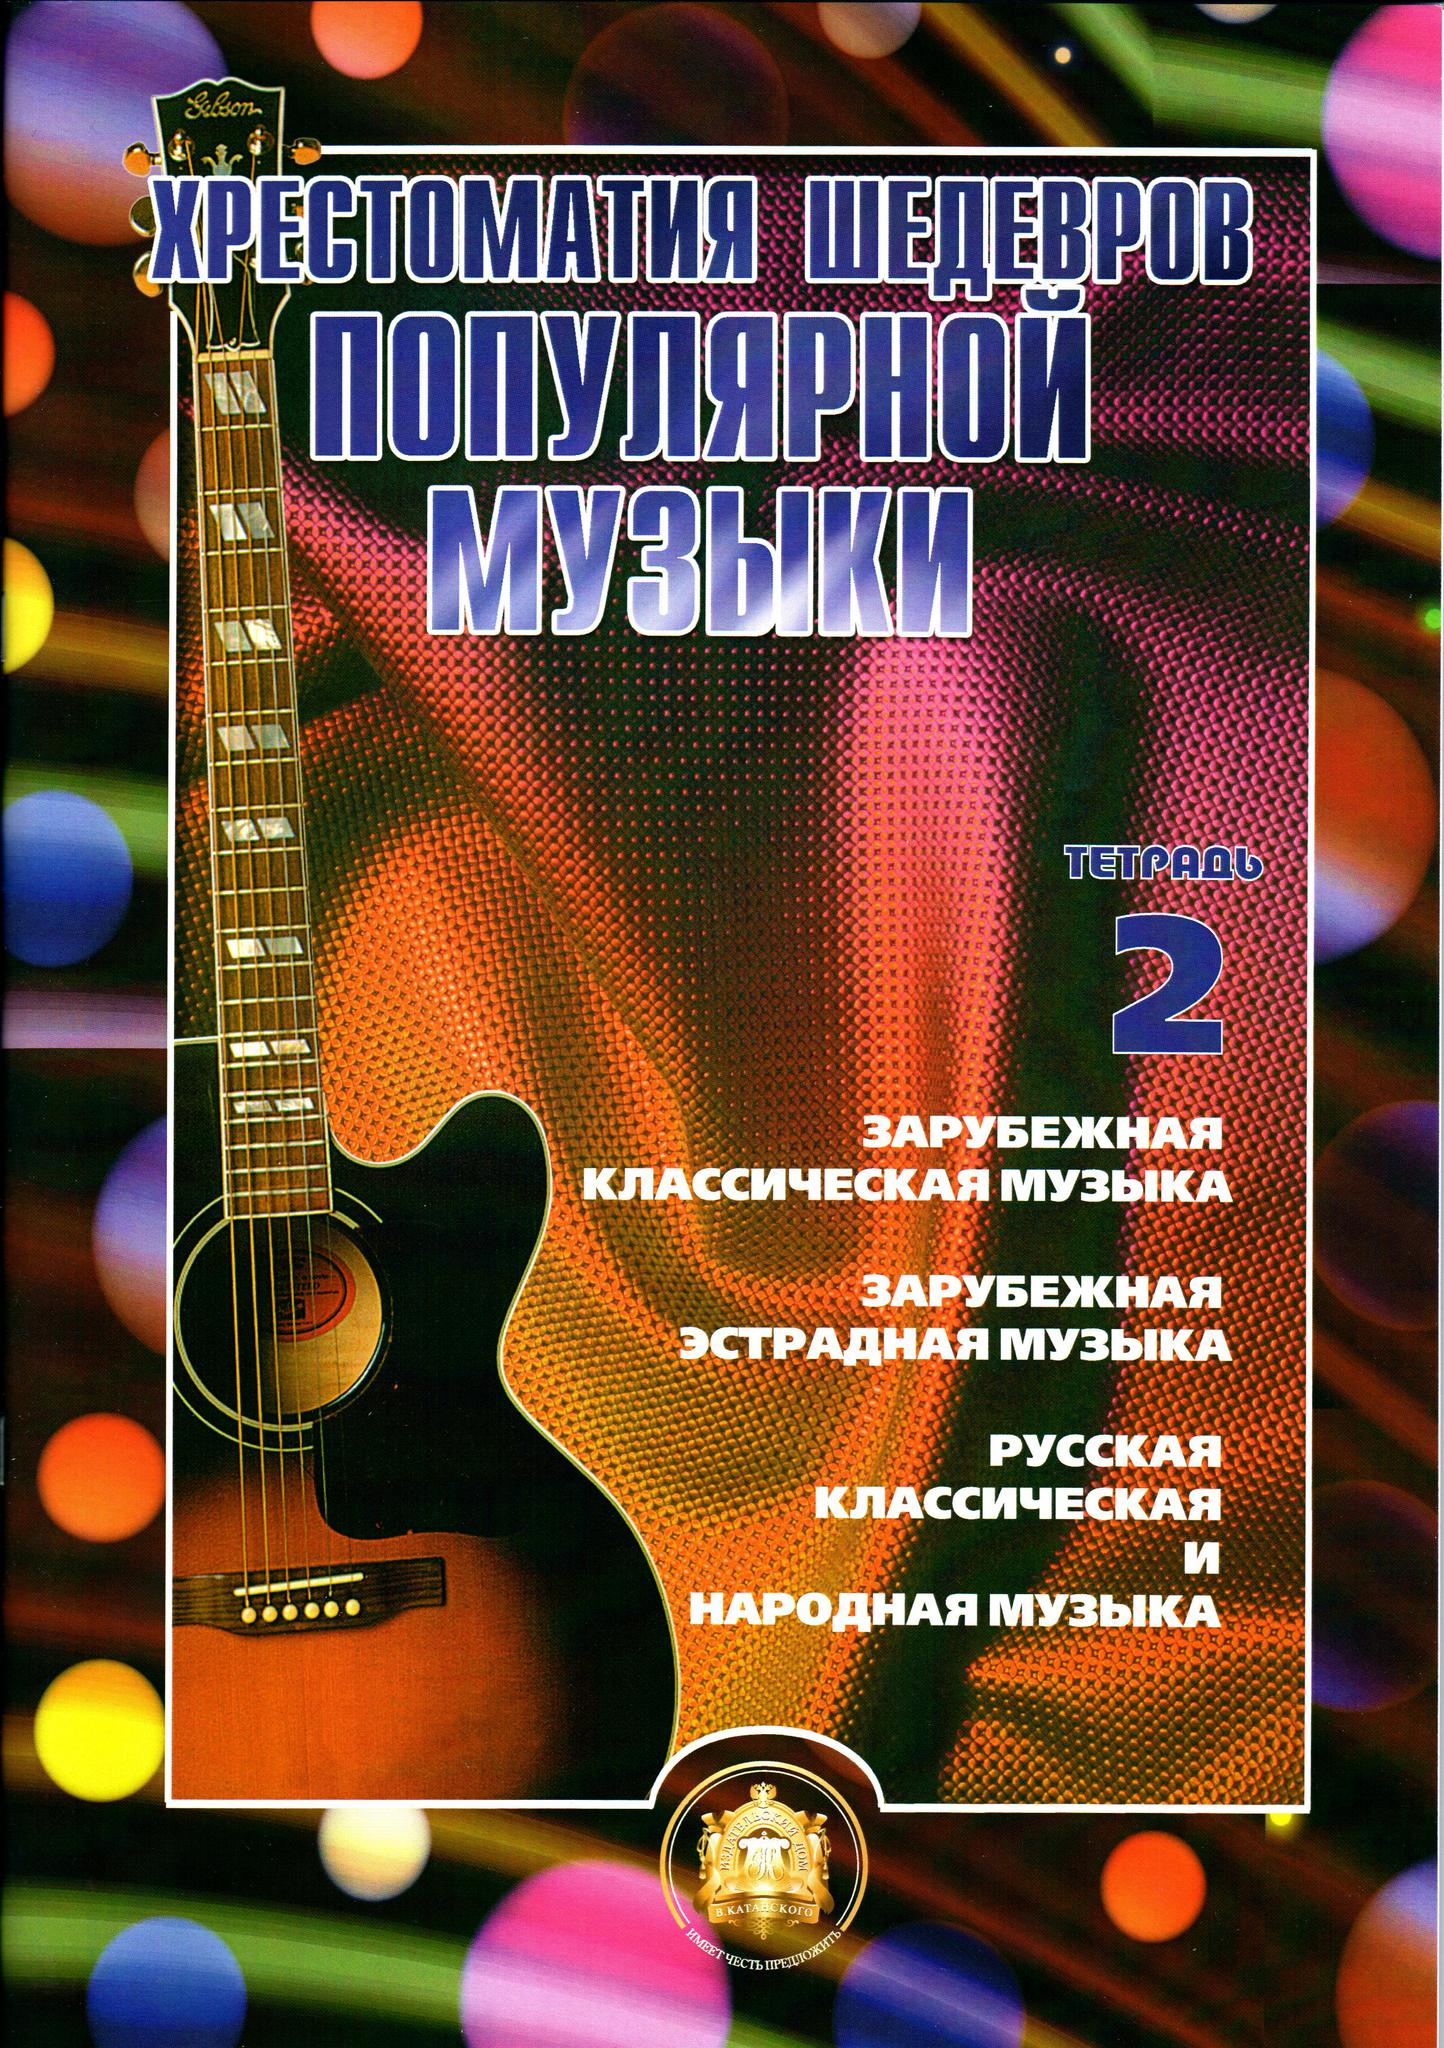 Колосов В. М. Хрестоматия шедевров популярной музыки. Тетрадь 2.